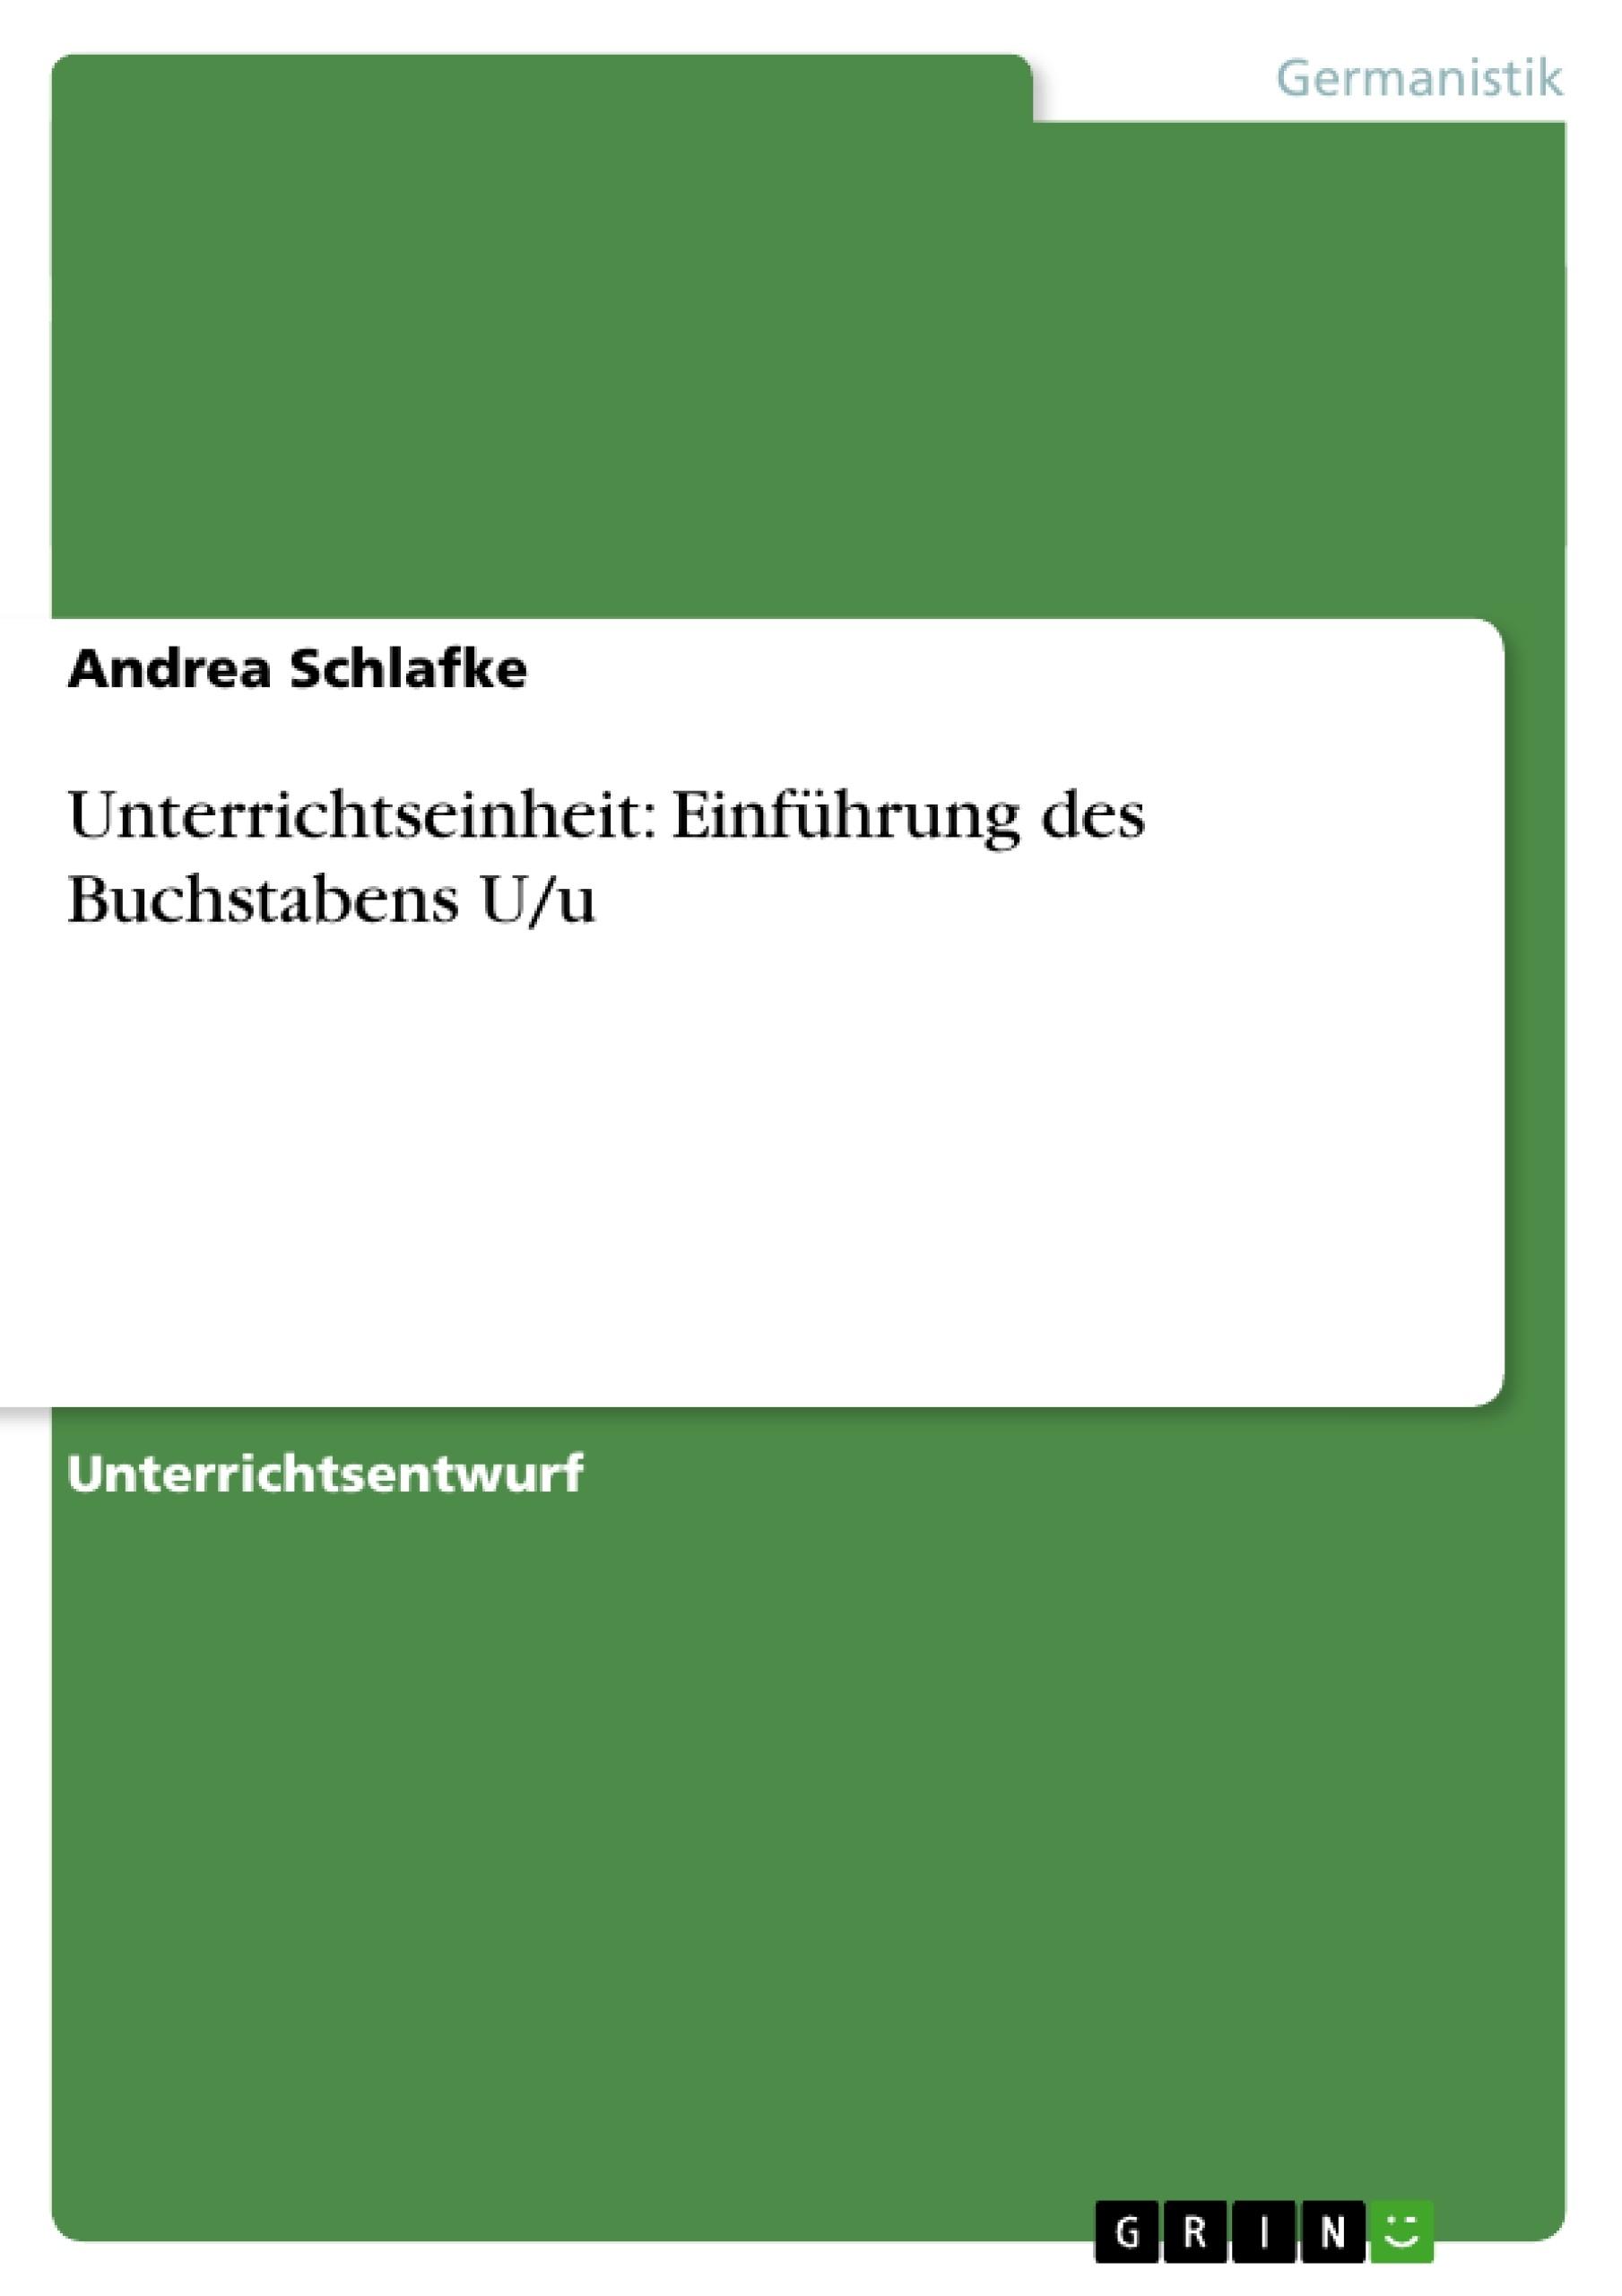 Titel: Unterrichtseinheit: Einführung des Buchstabens U/u